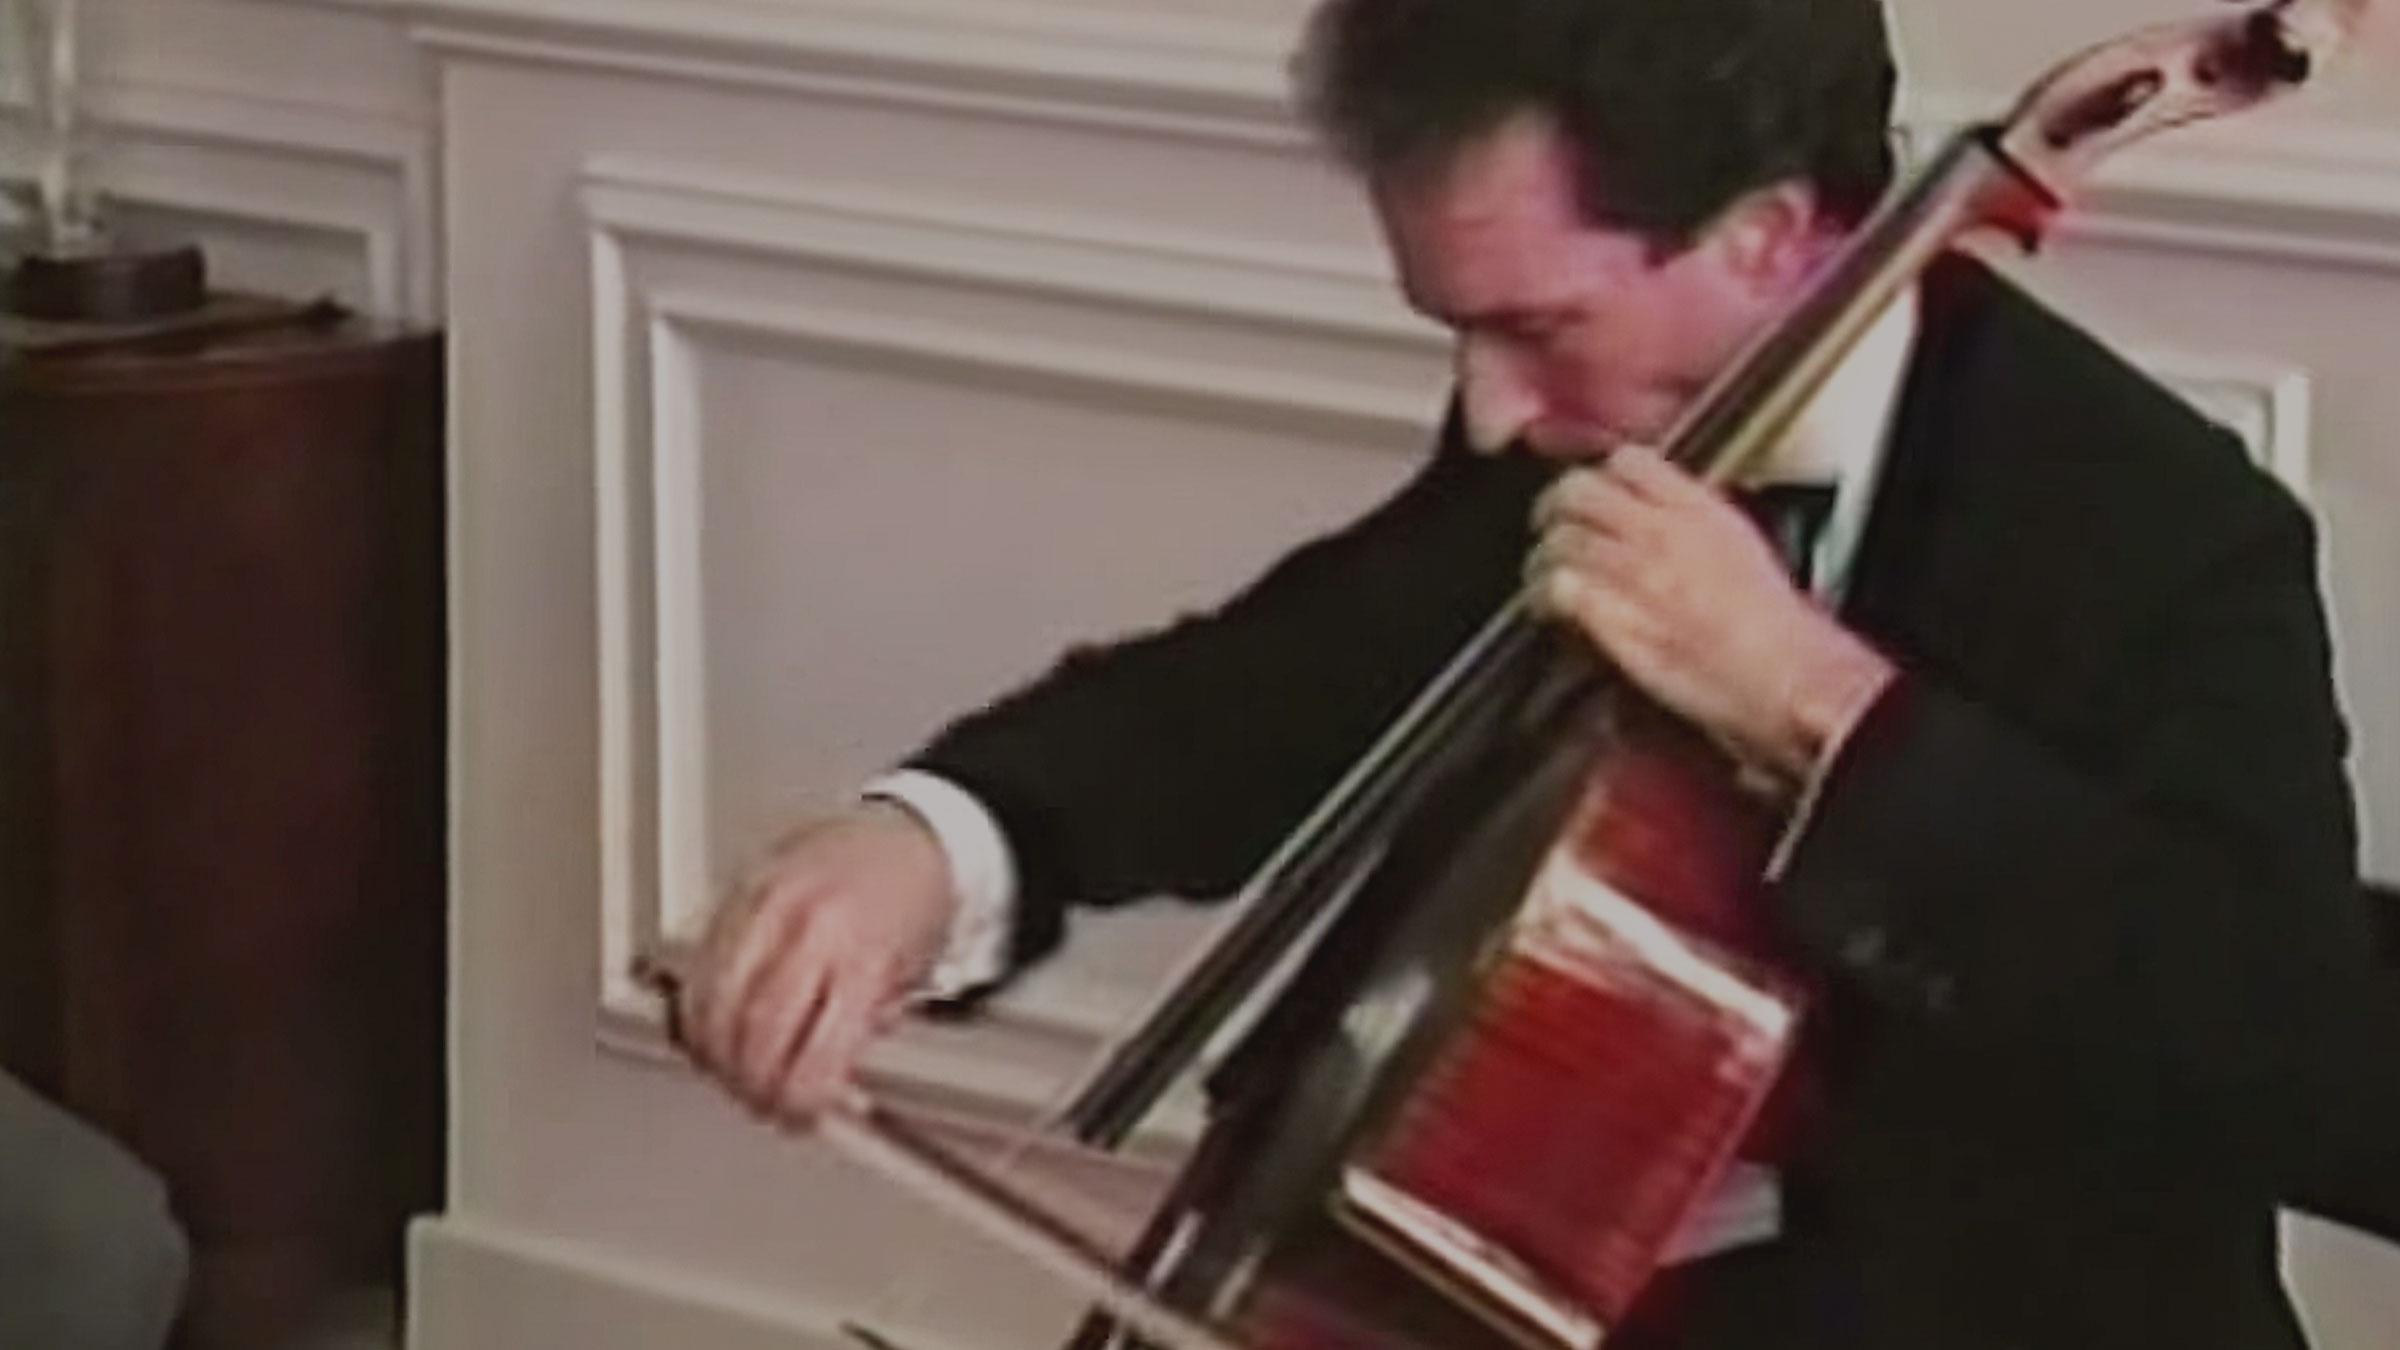 Nathaniel Rosen and Ayke Agus perform Sarasate's Zapateado